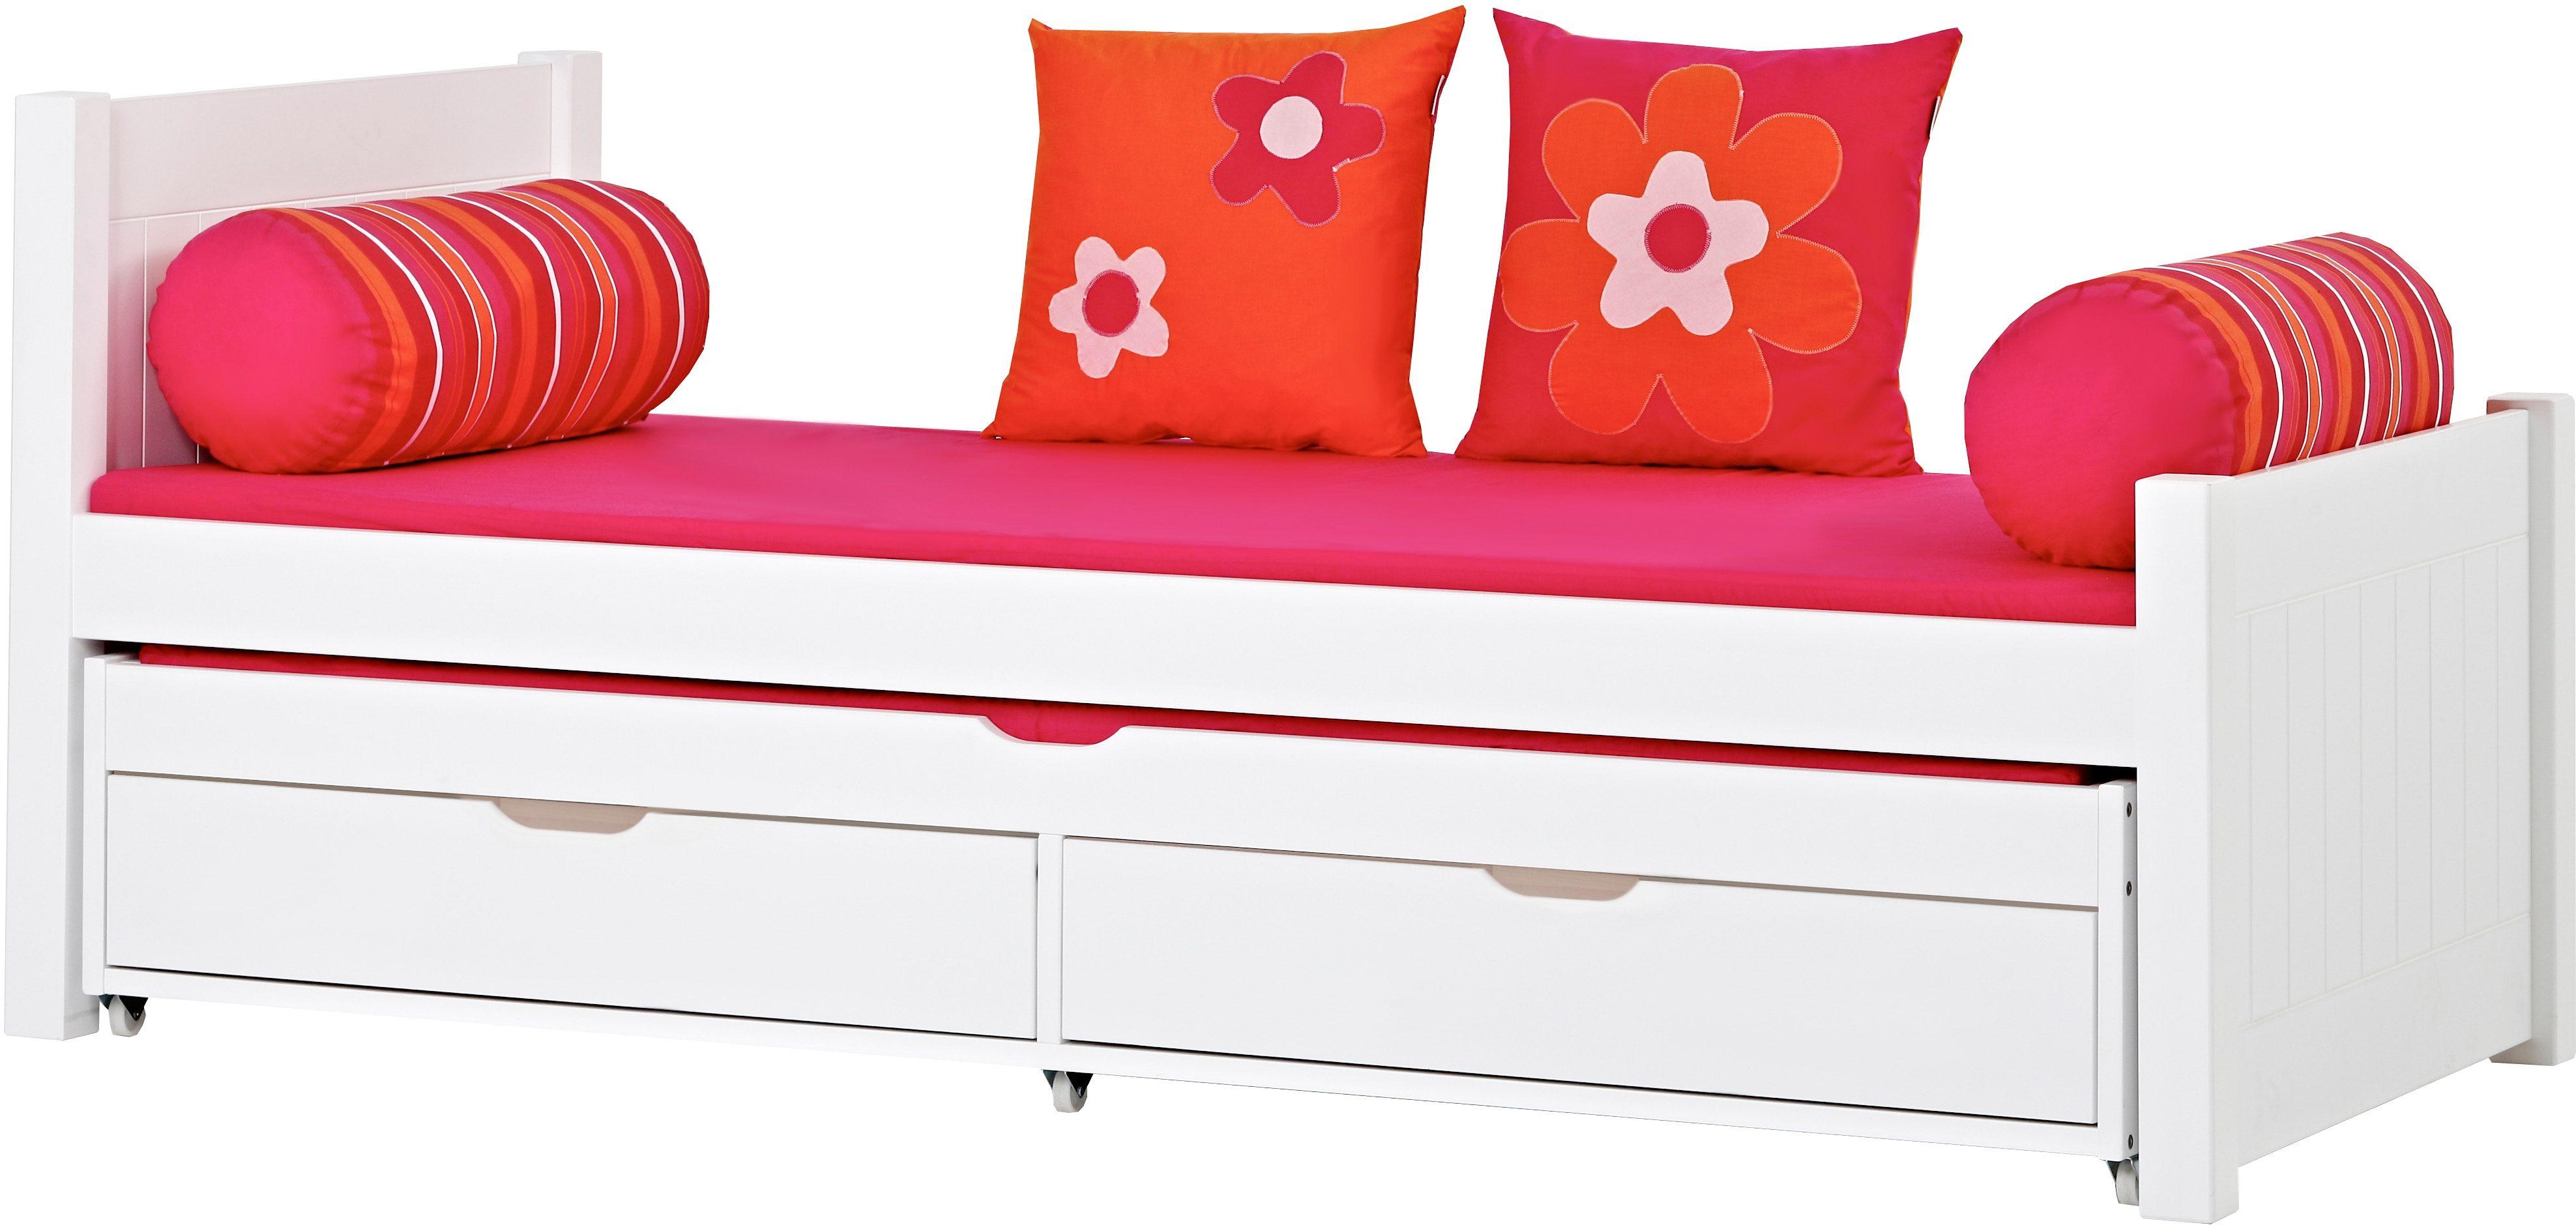 Hoppekids Bett Deluxe weiß Kinder Kinderbetten Kindermöbel